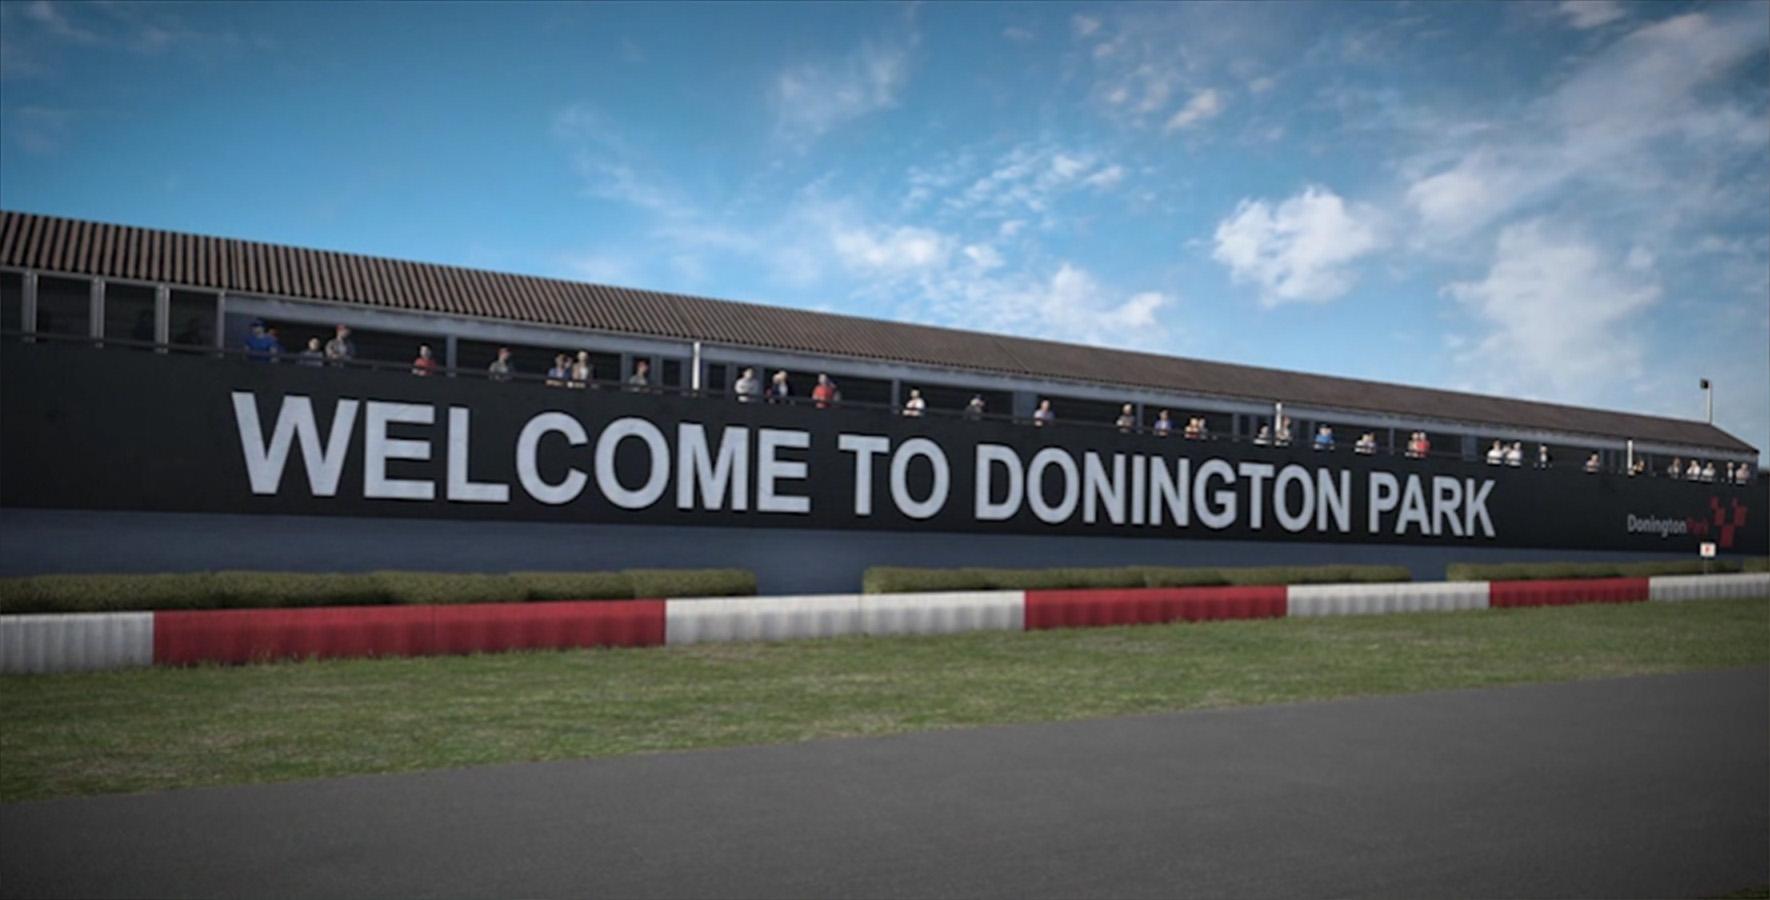 ACC-DONINGTON-PARK-PHOTO-02